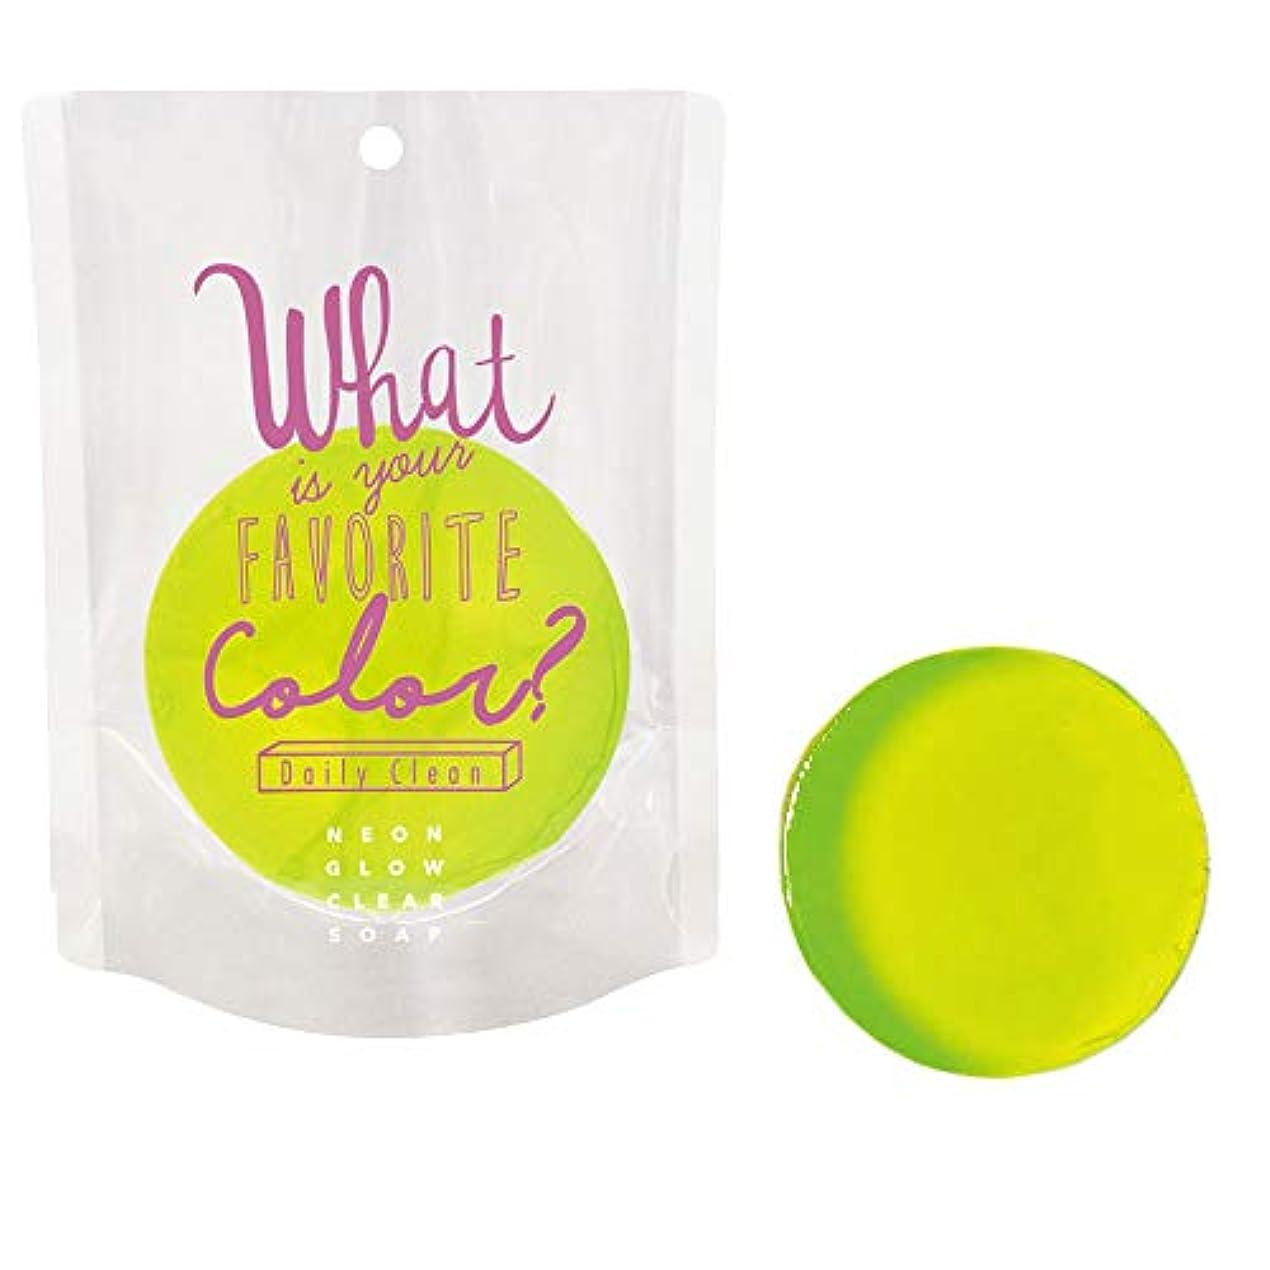 すごい罰球体ネオングロークリアソープ ob-ngw-2-1-4(02/パパイヤ) Neon Glow Clear Soap 石鹸 ノルコーポレーション 固形 せっけん カラフル 香り 清潔 ギフト プレゼント